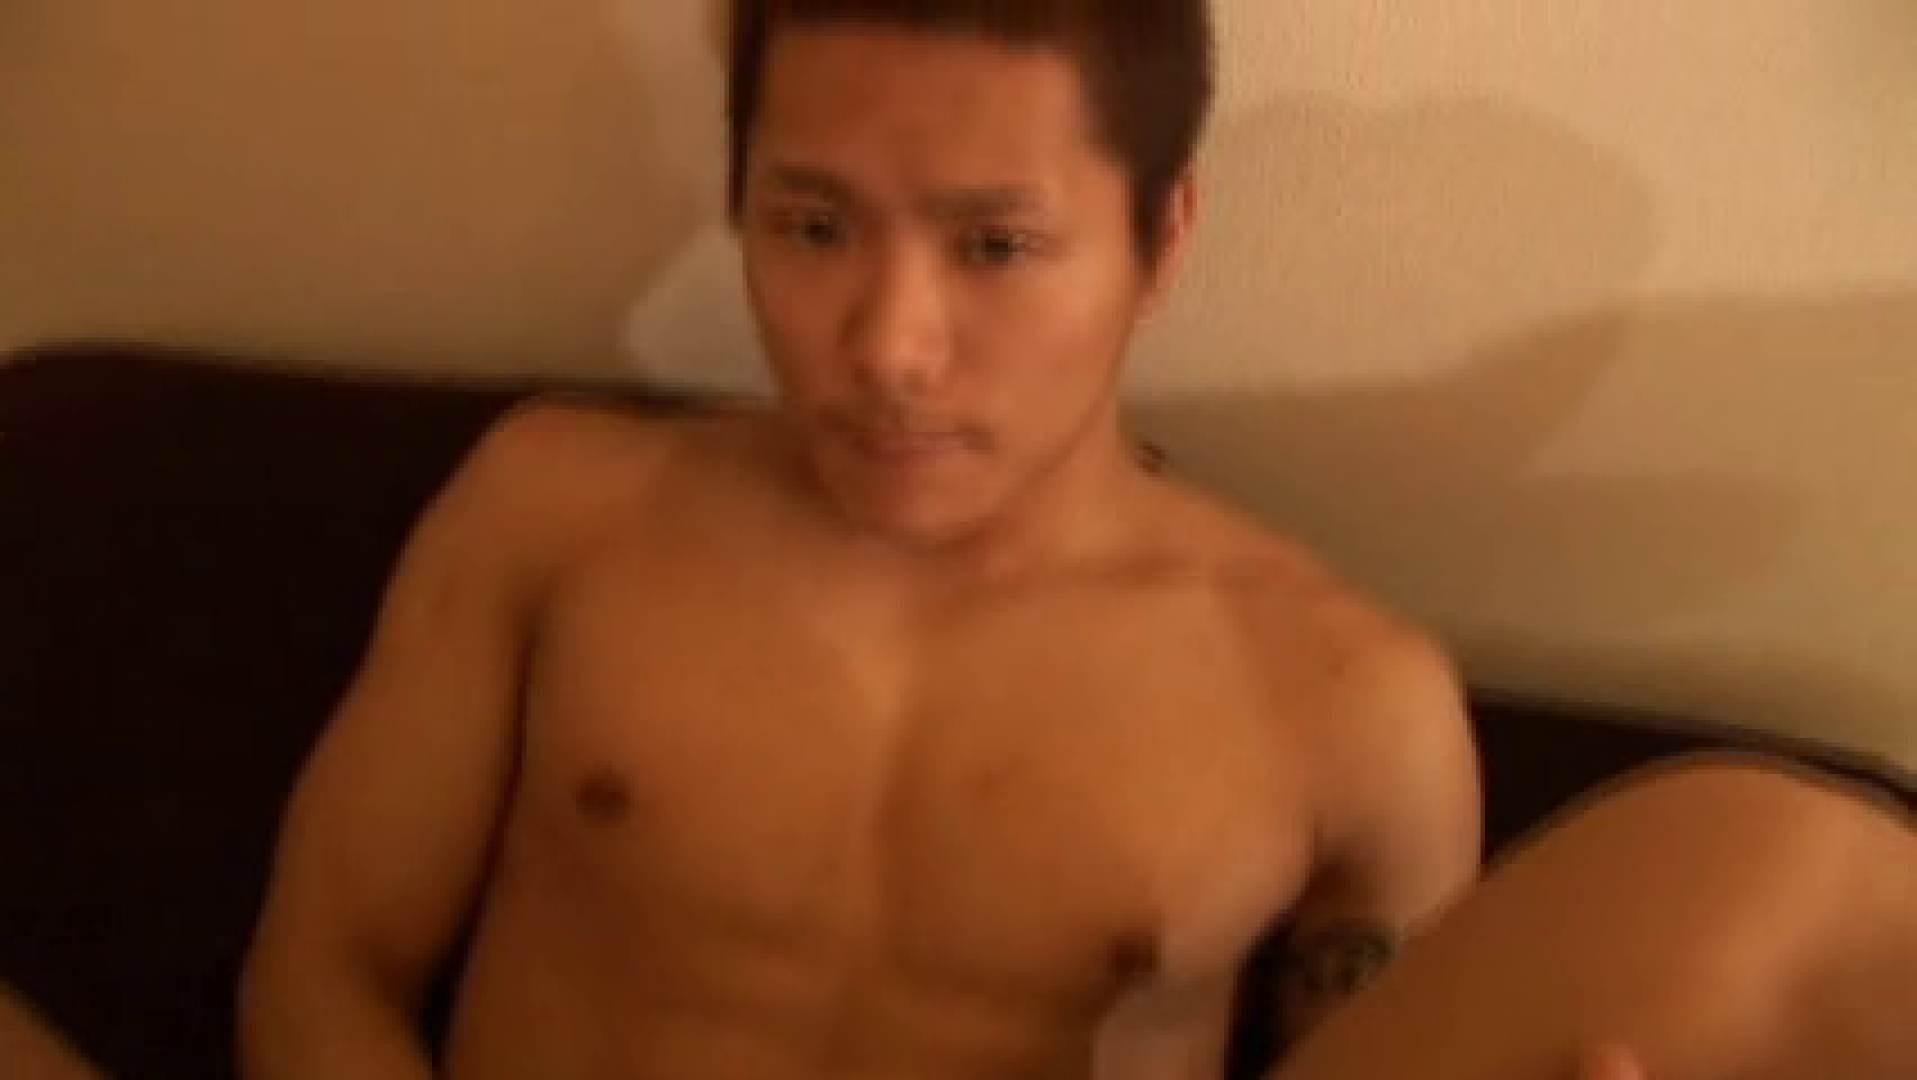 イケメン!!炸裂 Muscle  Stick!! その3 オナニー アダルトビデオ画像キャプチャ 115枚 55